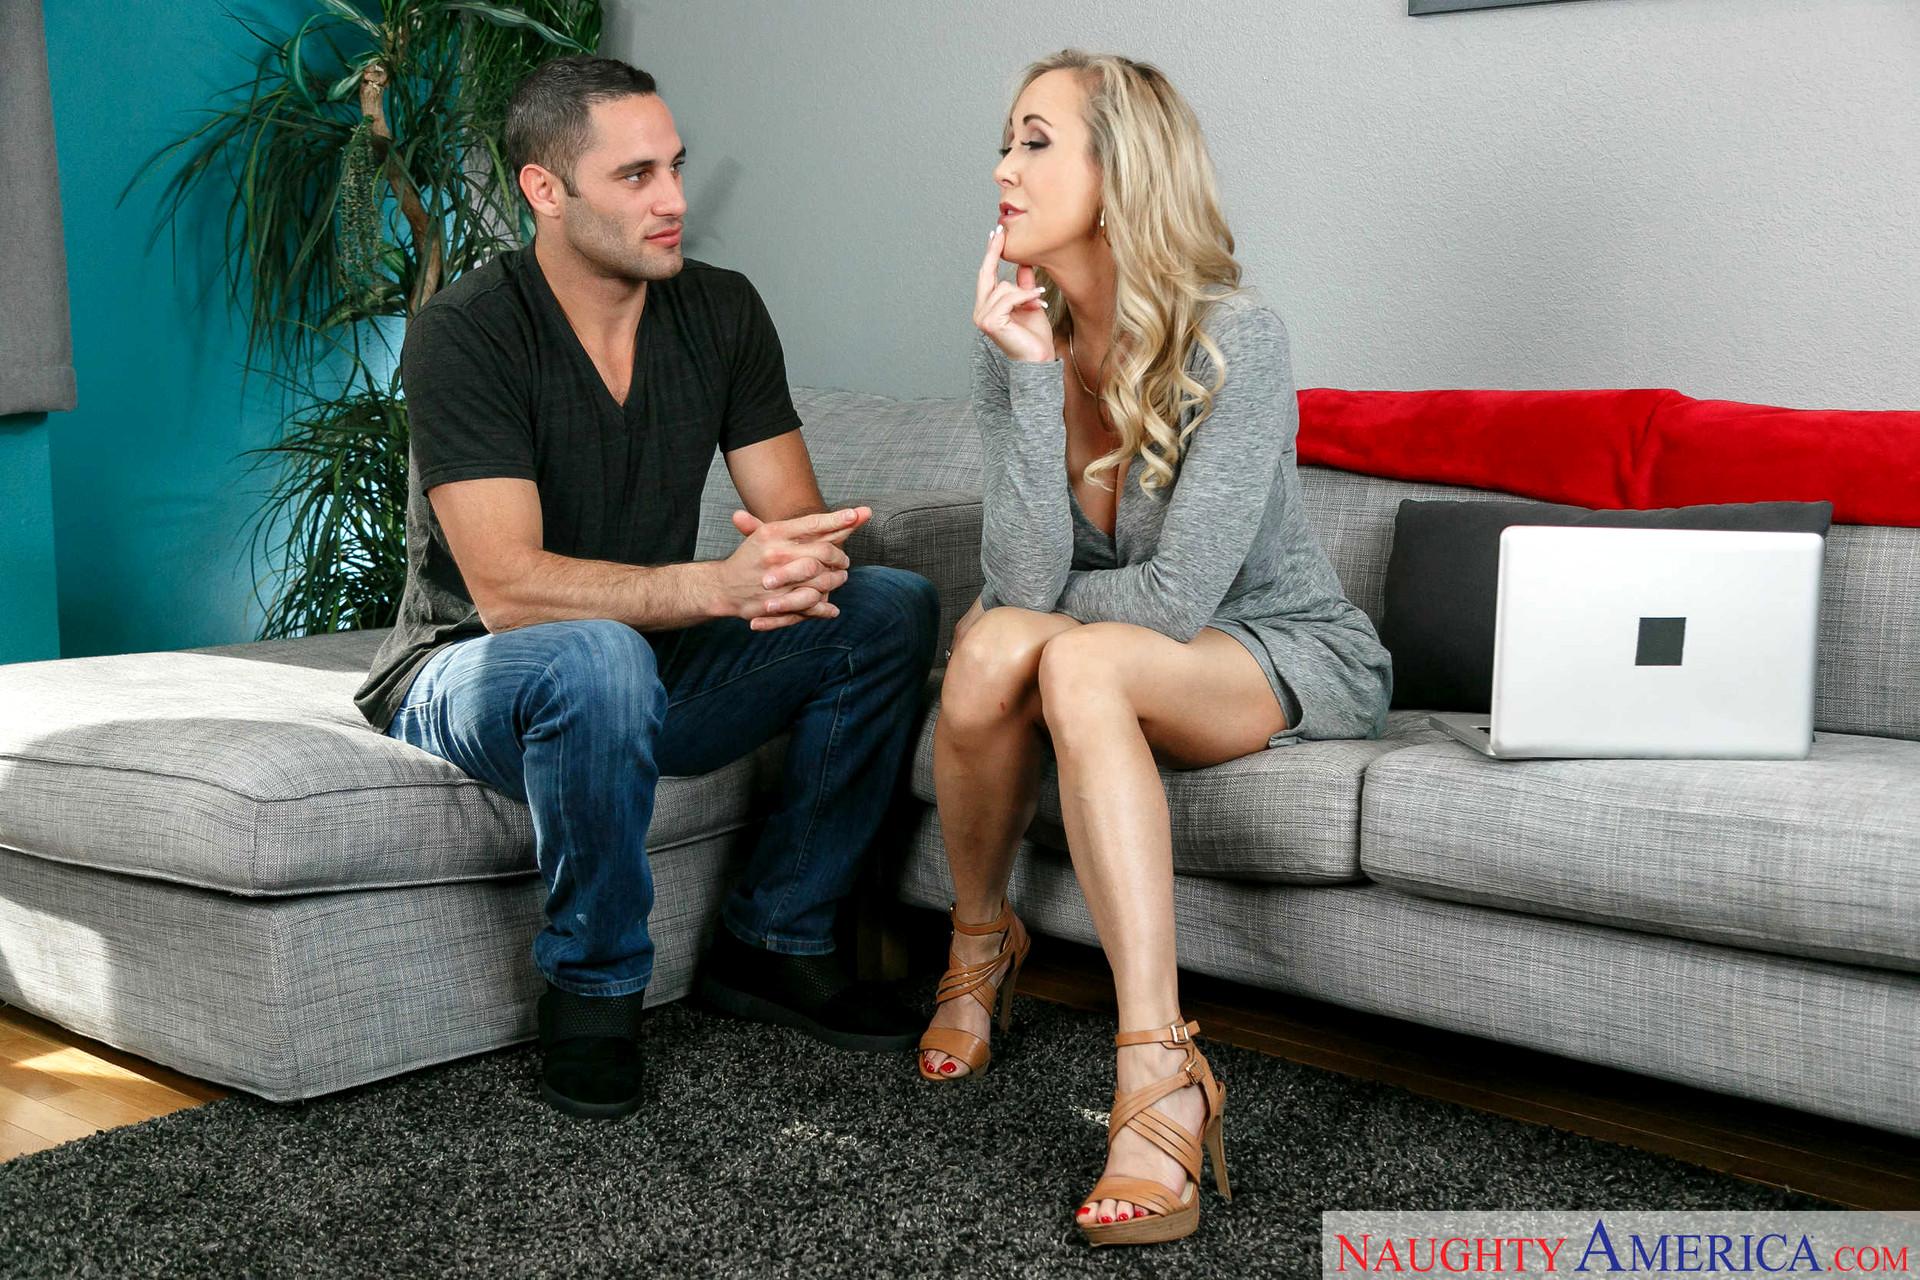 Hot stripper lesbians caught fucking